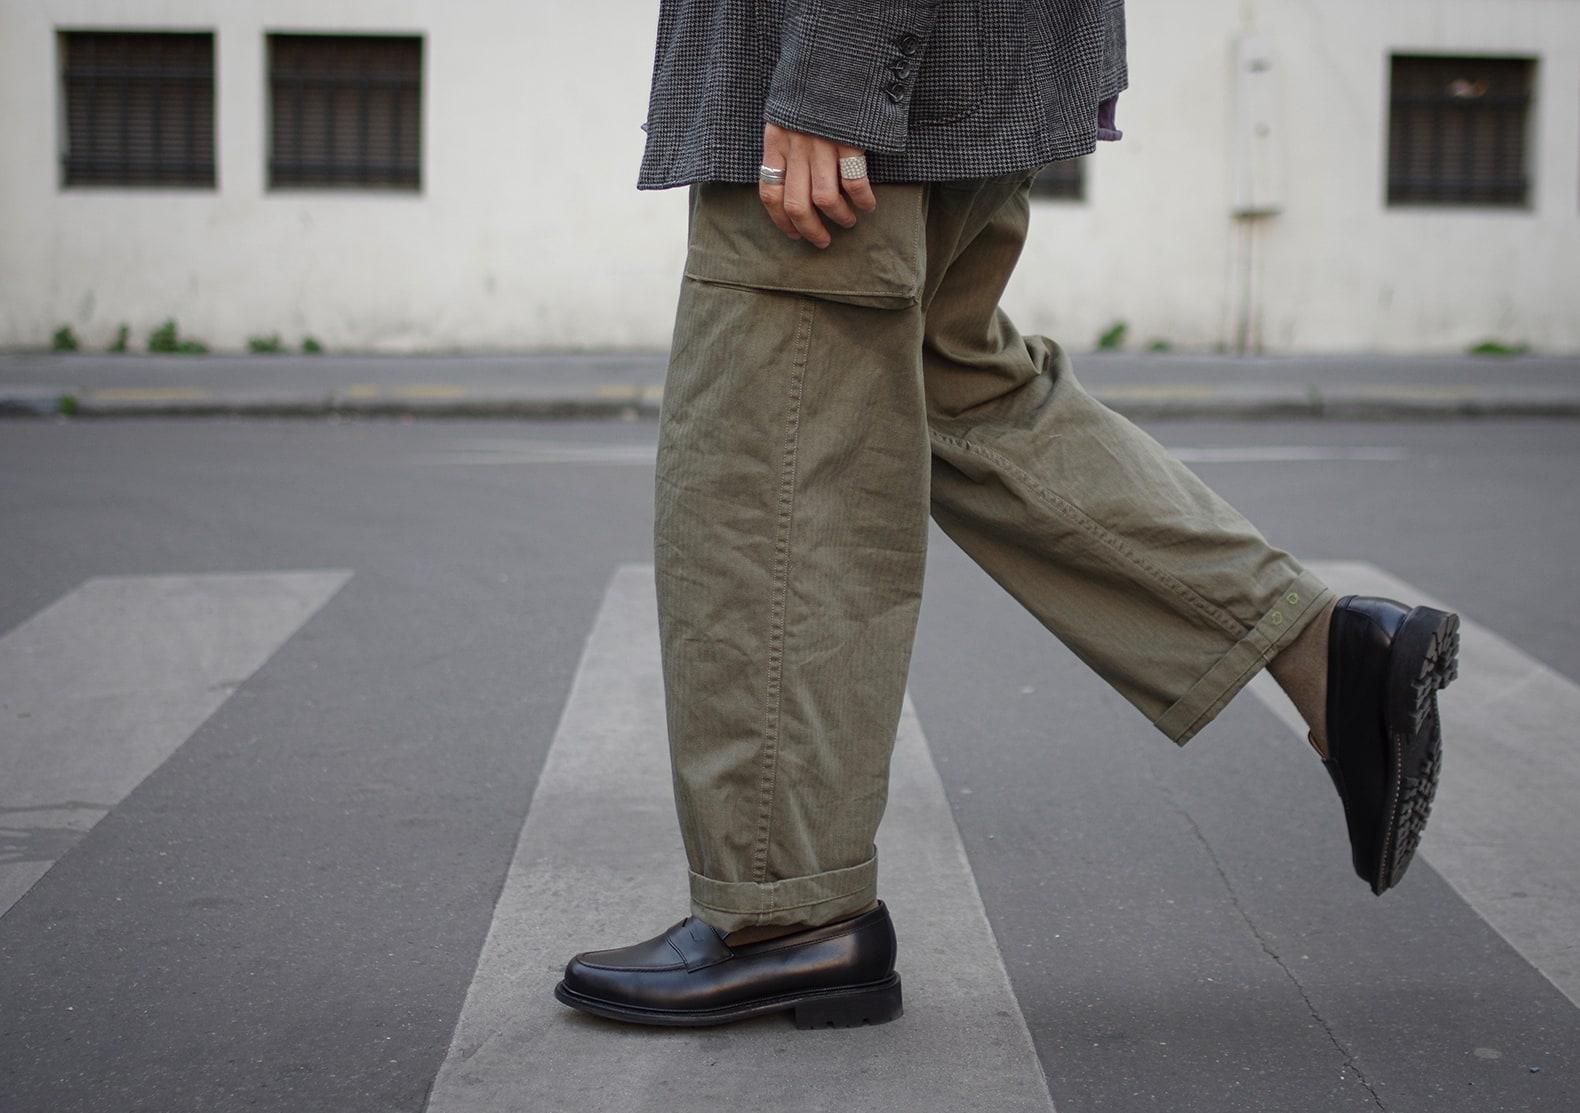 pantalon militaire vert olive hbt à poche arashi denim avec une paire de mocassin noir max sauveur